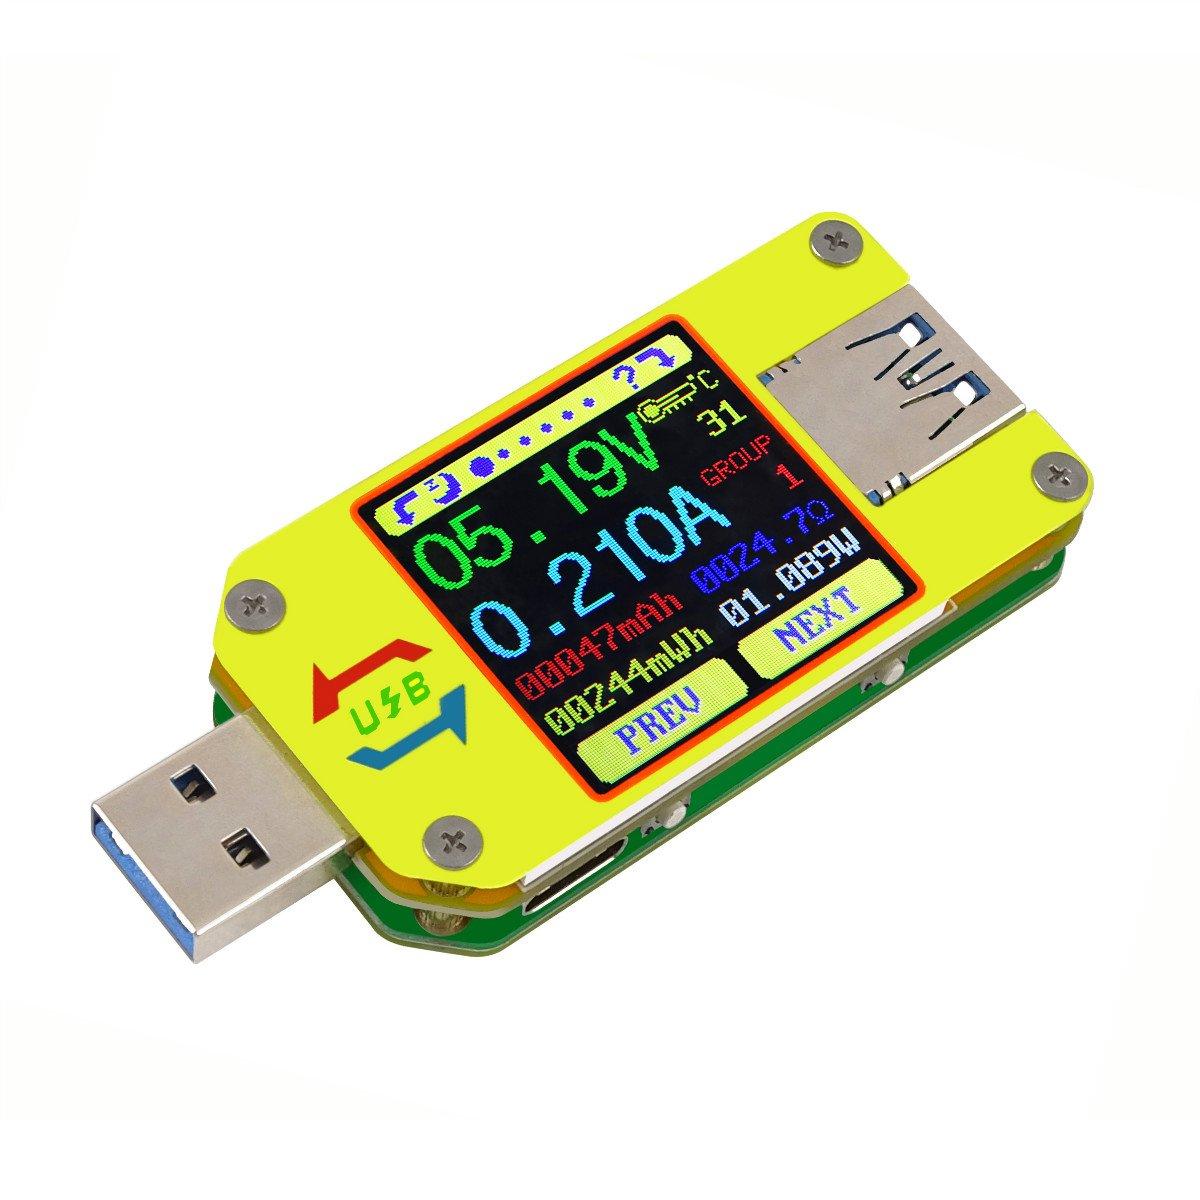 USB Tester del misuratore USB UM34C Voltmetro USB Corrente di tensione Multimetro amperometro Bluetooth Display LCD a colori da 1, 44 pollici Misuratore dell'impedenza di carico della resistenza del cavo di tipo USB 3.0 Innovateking-EU